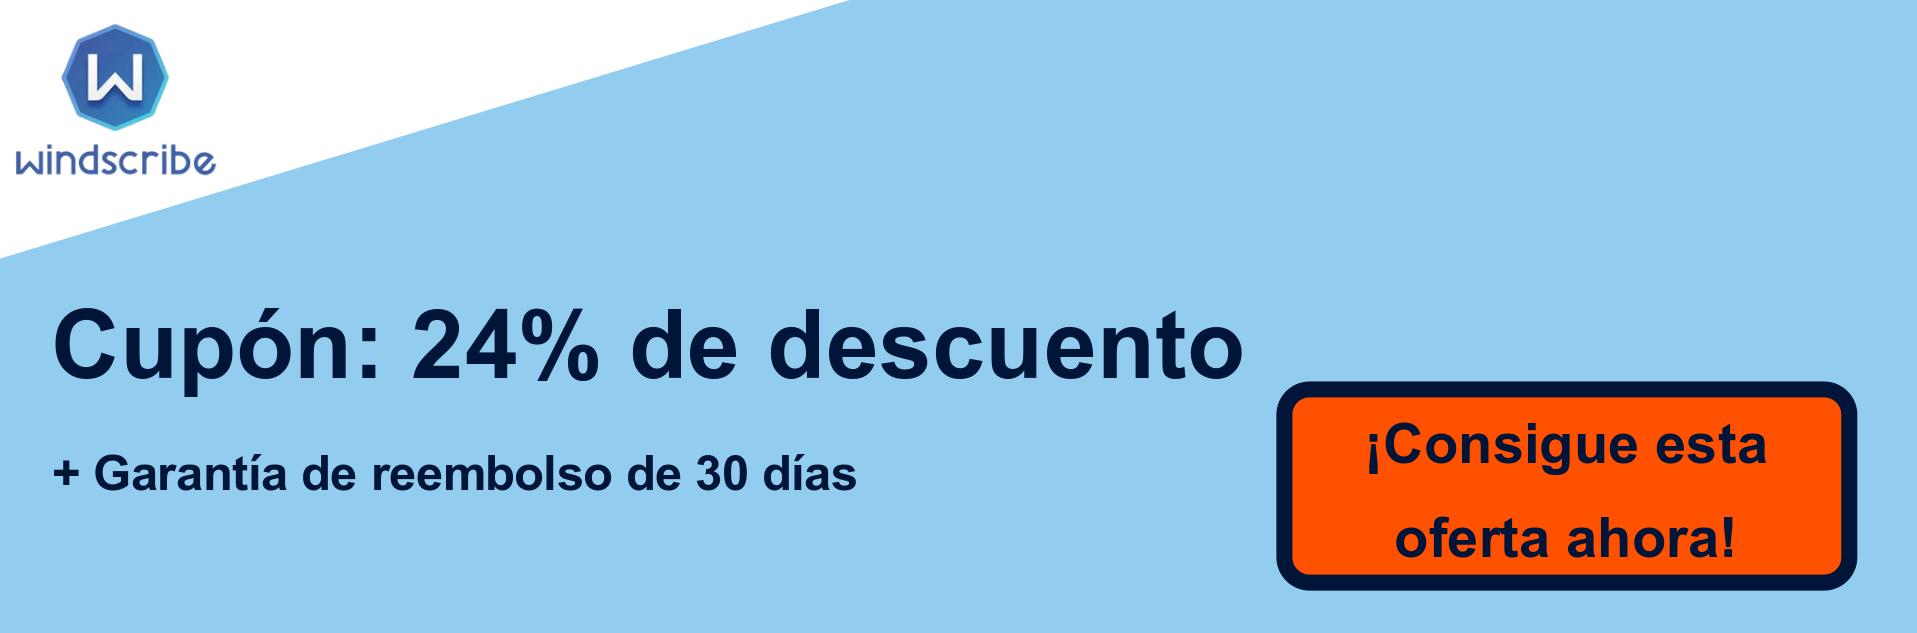 Banner de cupón de WindScribe VPN: 24% de descuento